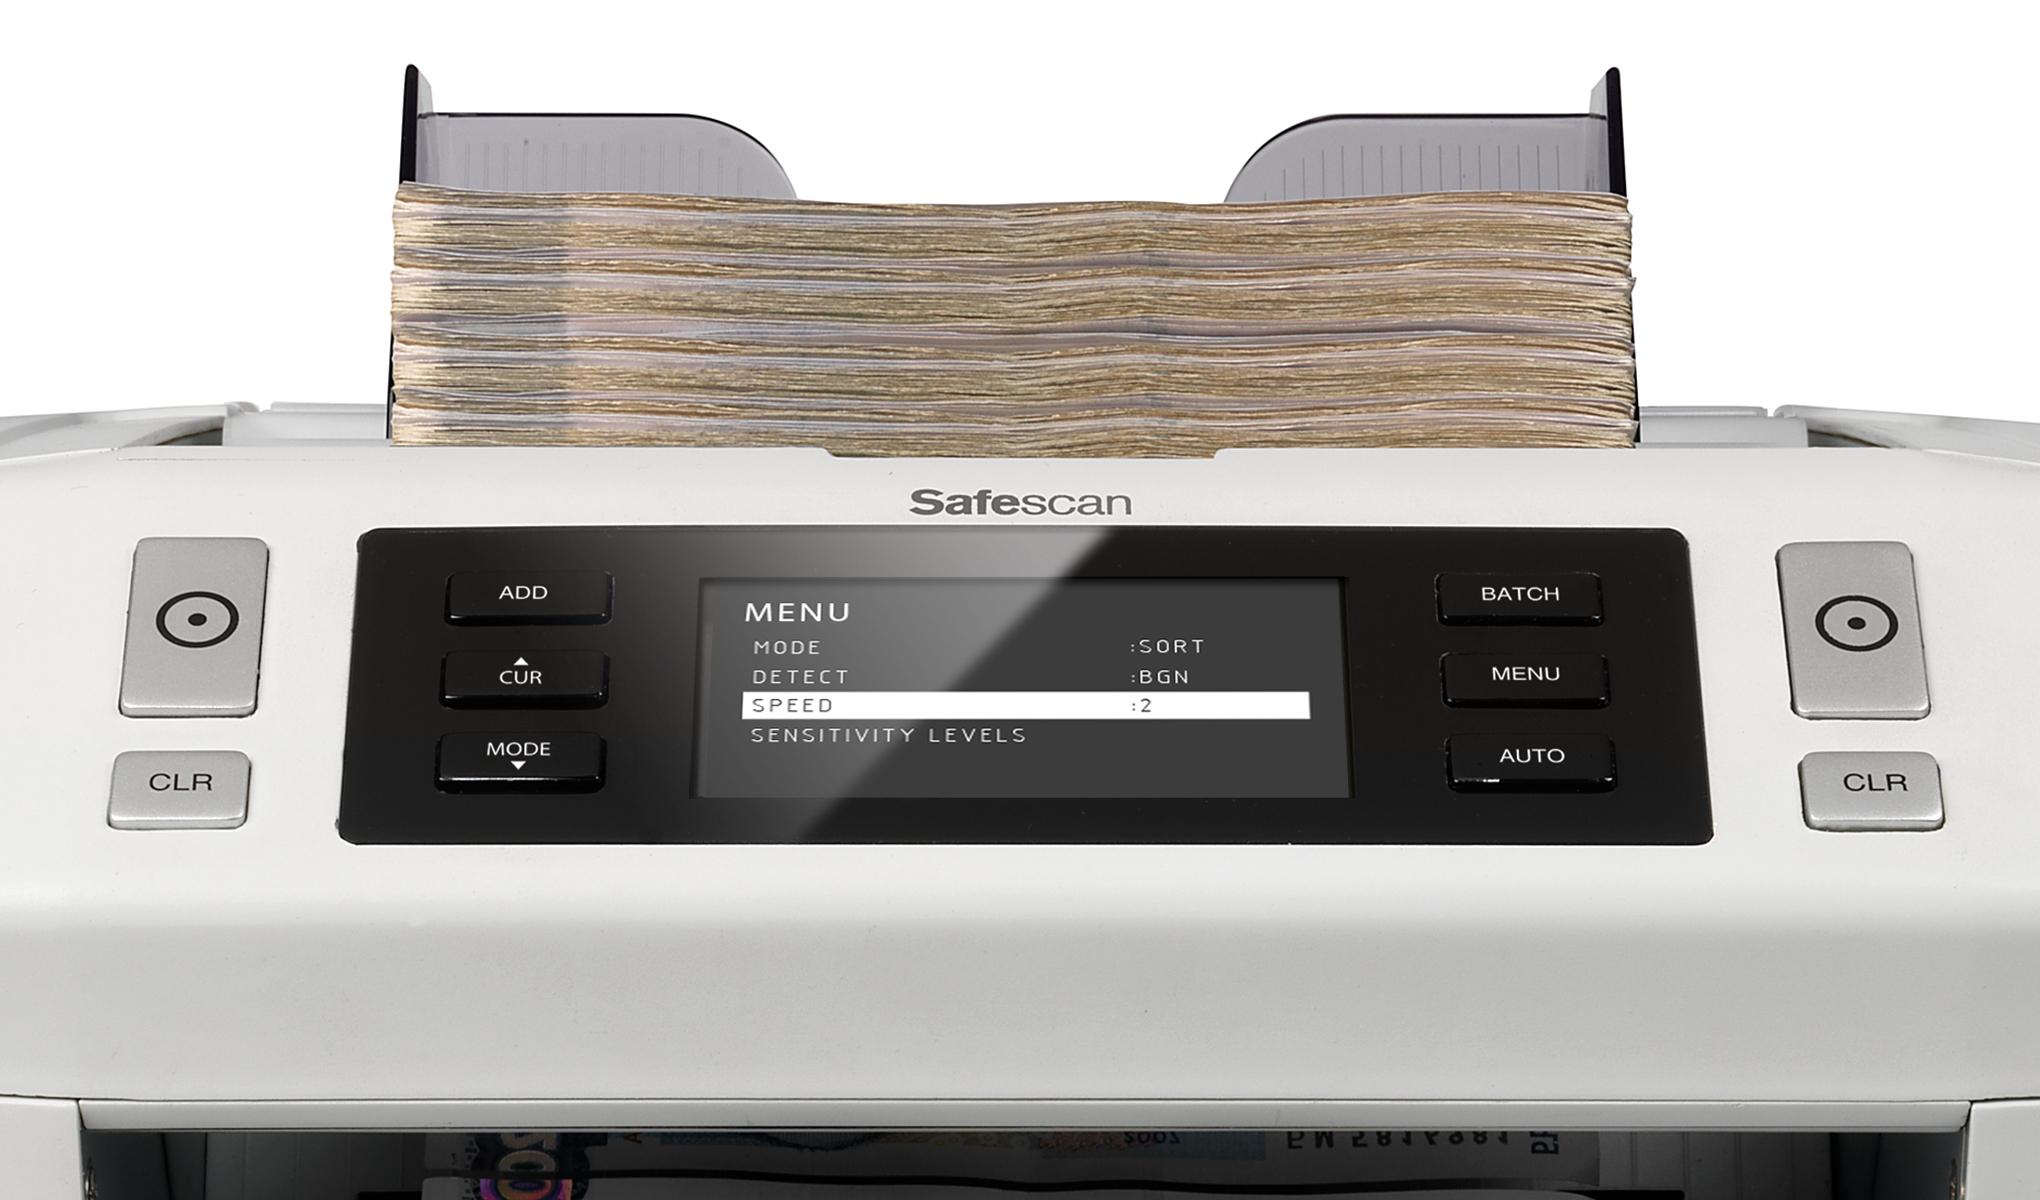 safescan-2660-money-counter